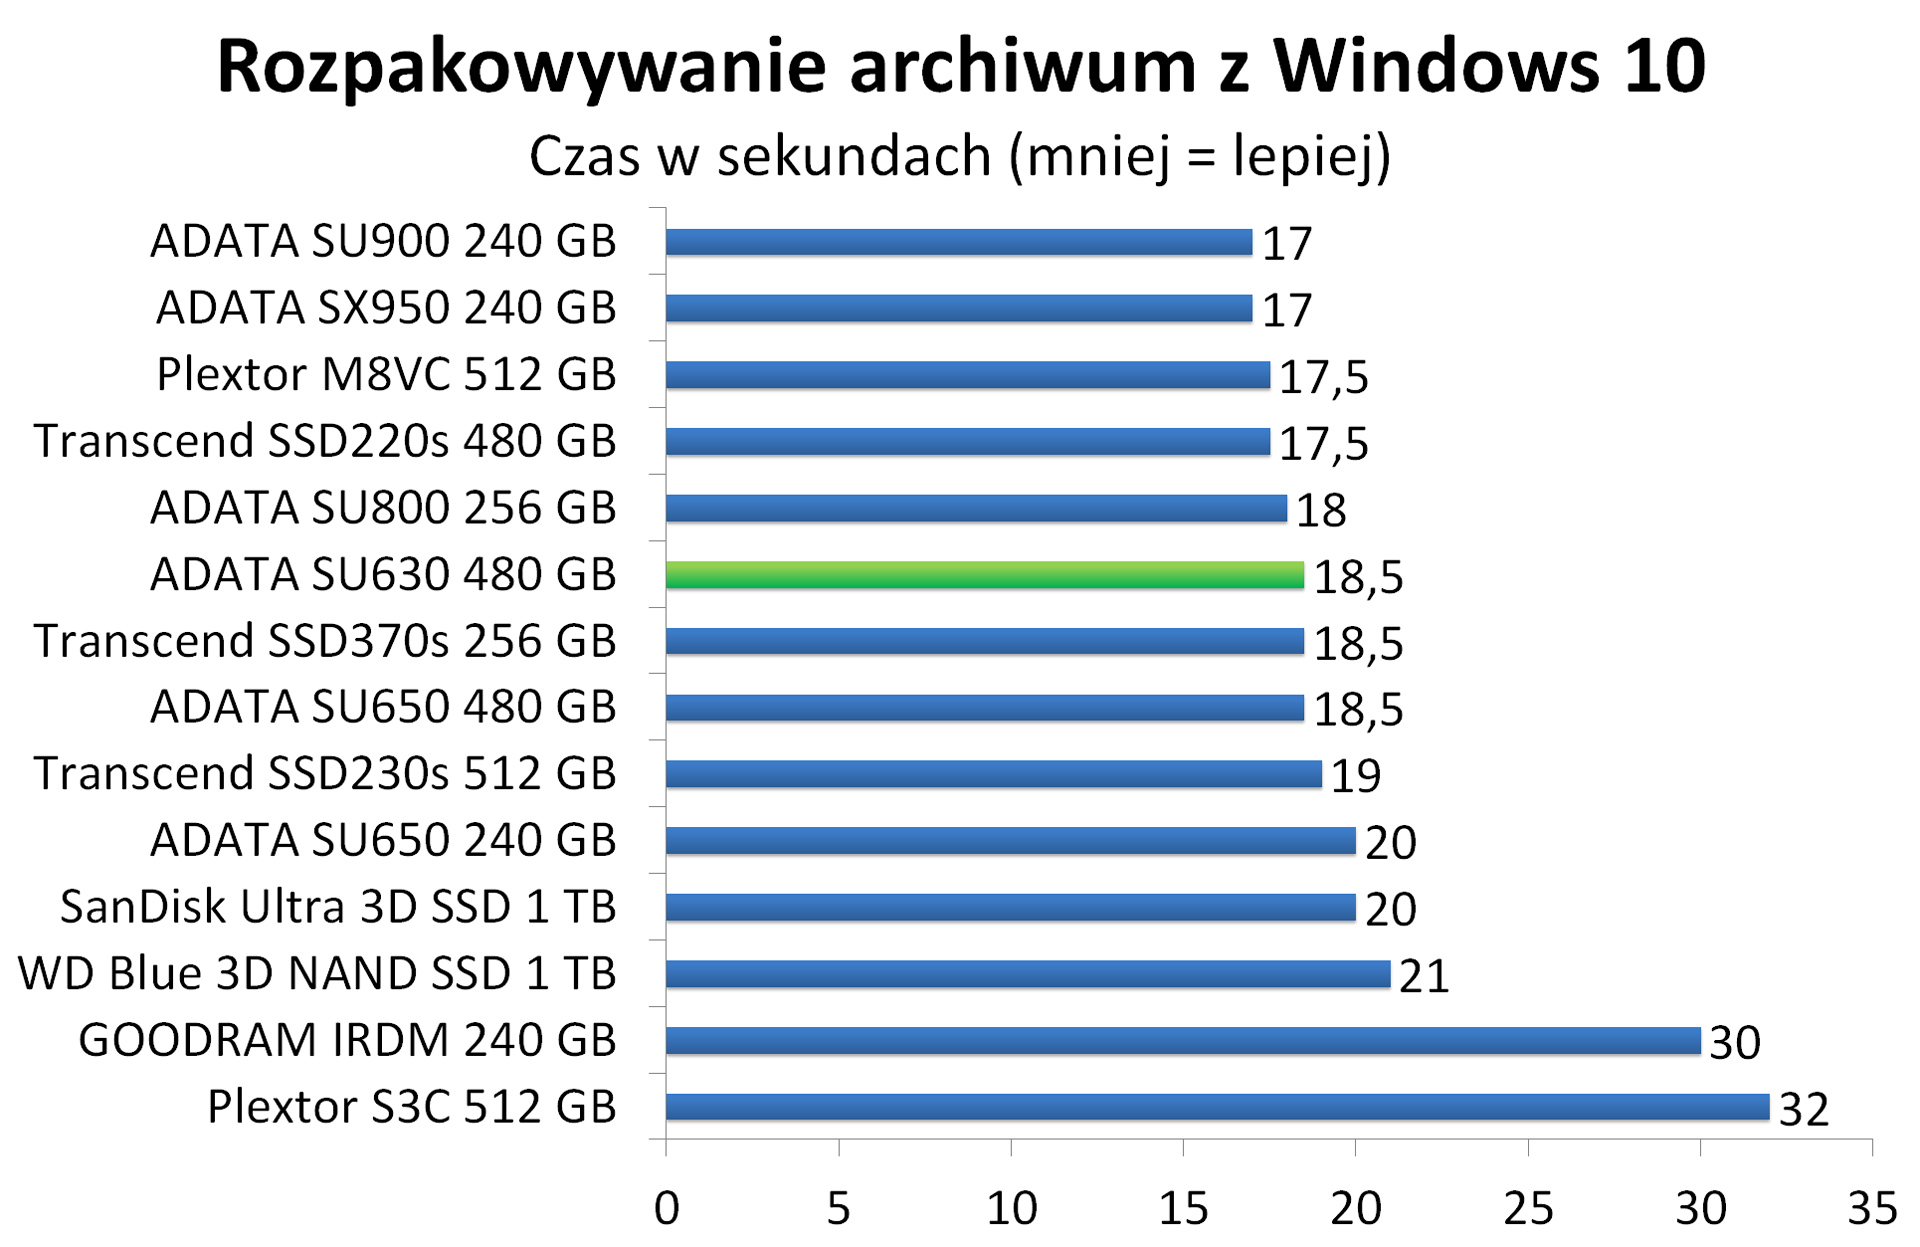 ADATA SU630 480 GB - Rozpakowywanie archiwum z Windows 10